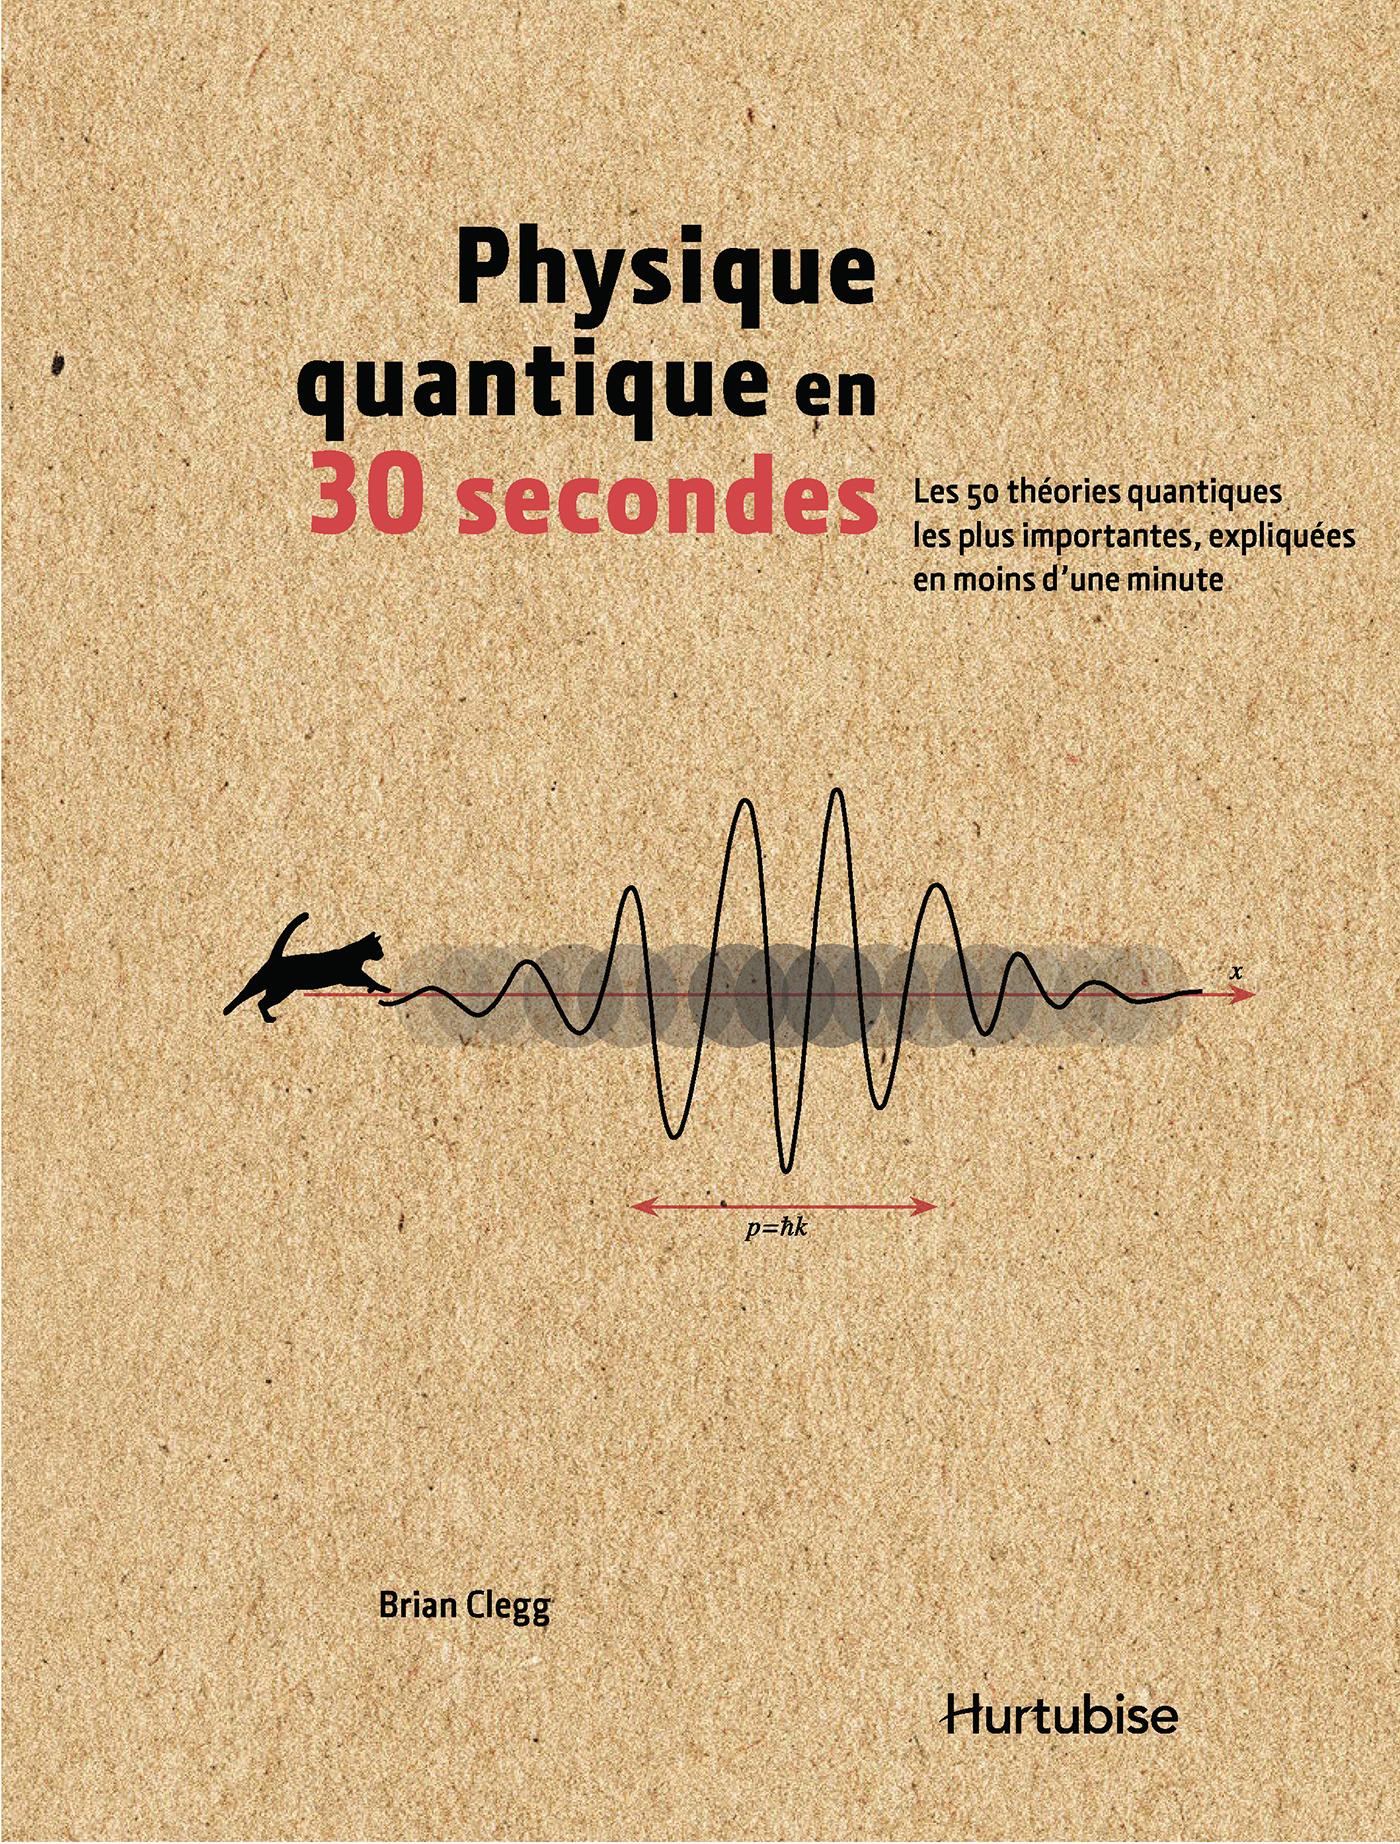 La physique quantique en 30 secondes